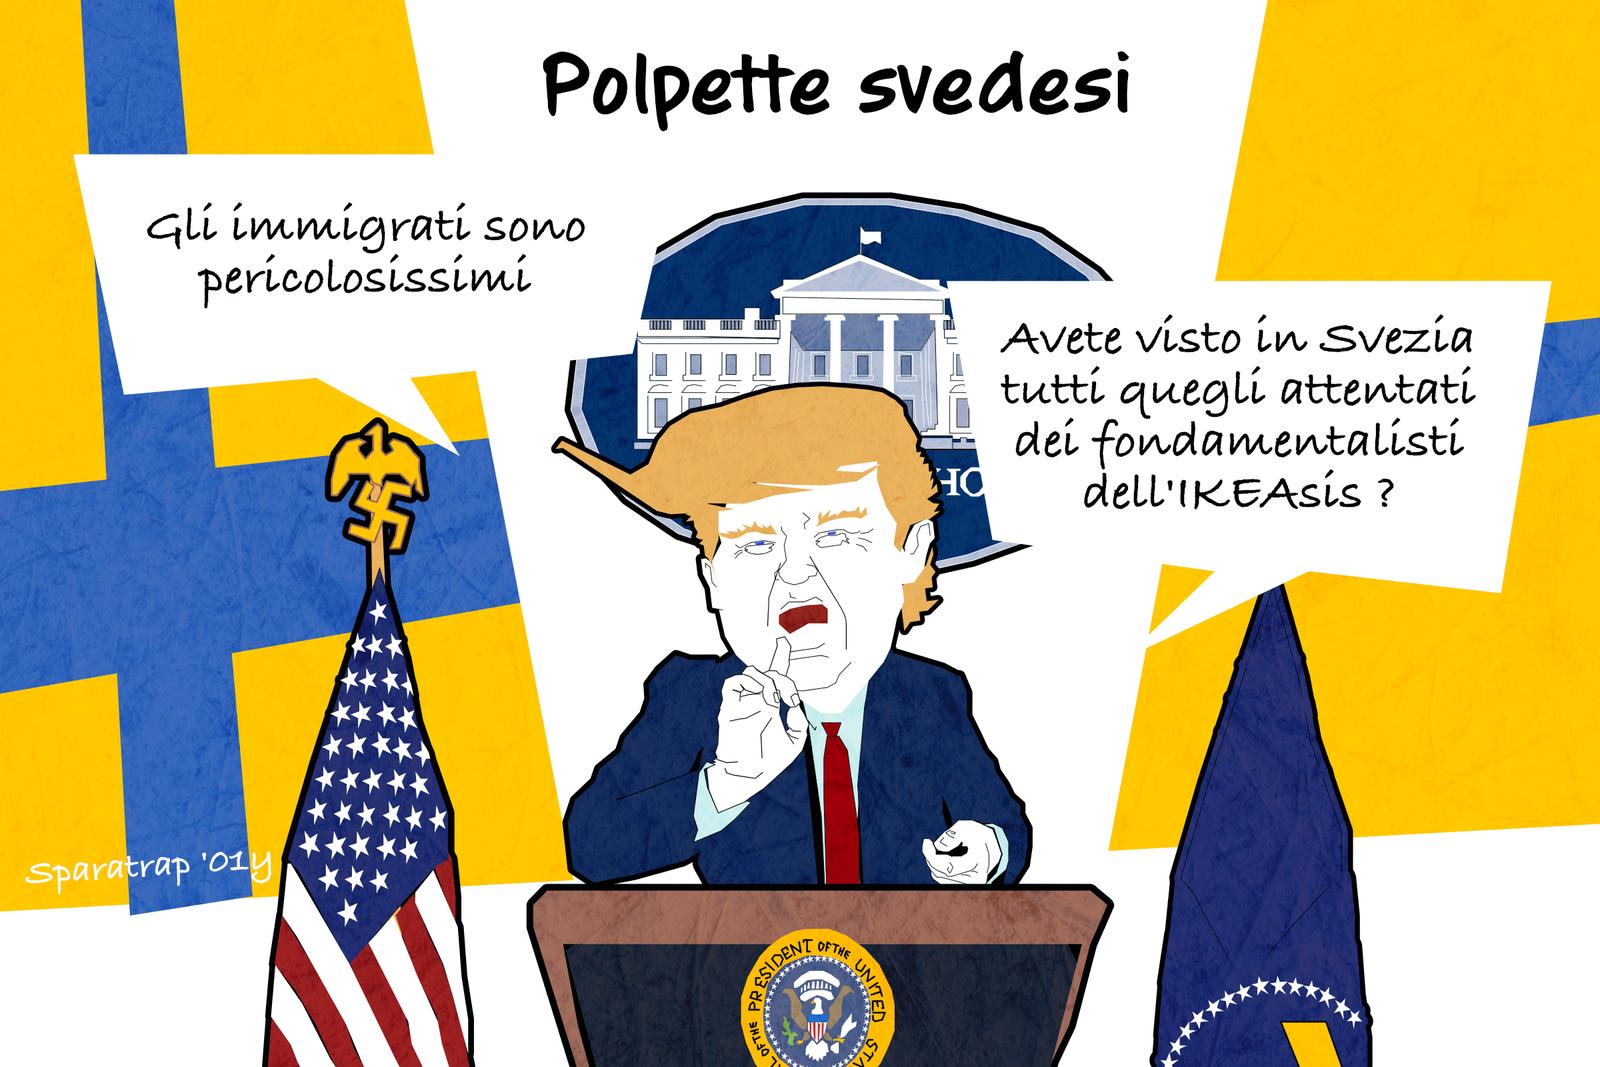 Trump  in un delirio sugli stranieri s'inventa attentati in Svezia che non esistono In un discorso pubblico in Florida, preso dalla sua consueta foga popular razzista, Trump ha finito per inventarsi di sana pianta attentati in Svezia mai avvenuti, poi l'hanno sedato. Mancano solo l' #satira #trump #svezia #sparatrap